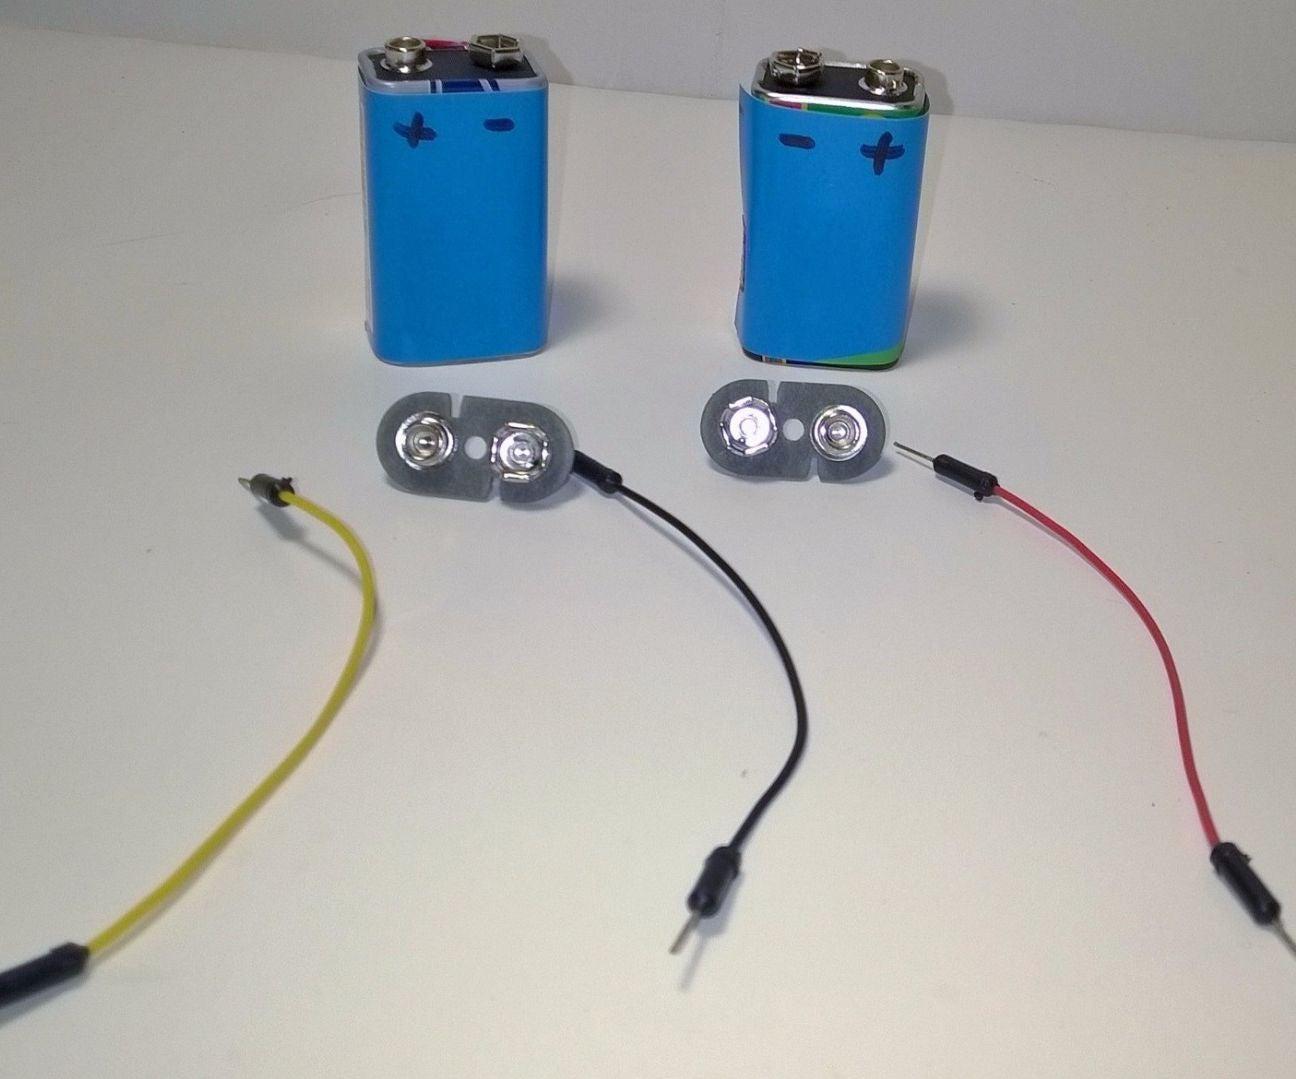 Dual Voltage Supply 9v Batteries 4 Steps Positive To Negative Converter